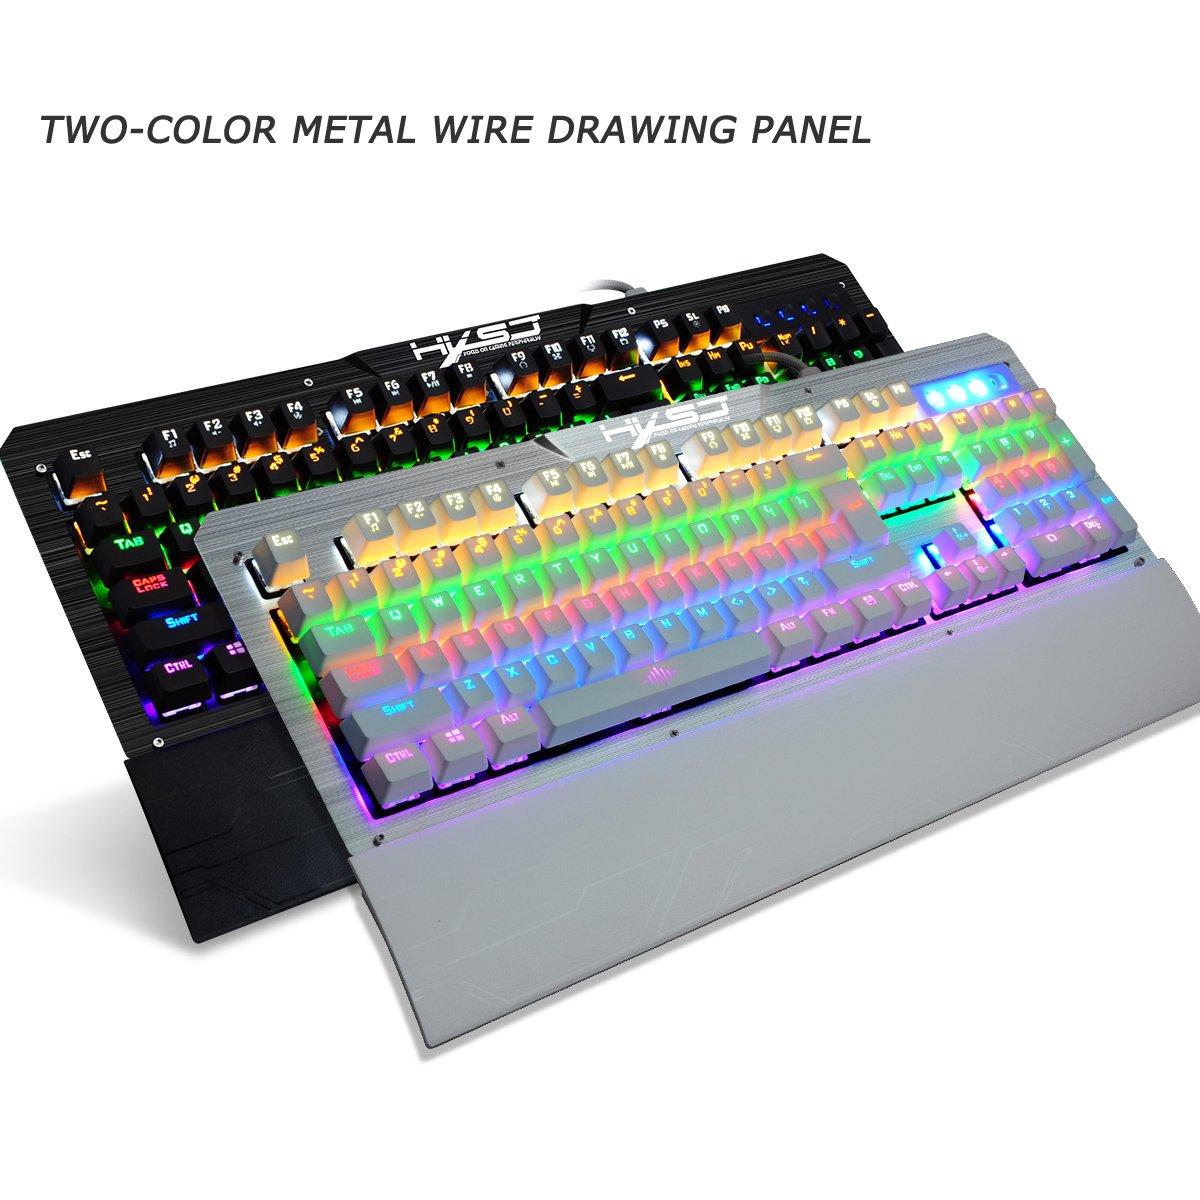 Teclado mecánico 104 teclas de llave completa con cable impermeable Juego periféricos del teclado outemu interruptor azul color de la luz de la respiración ...